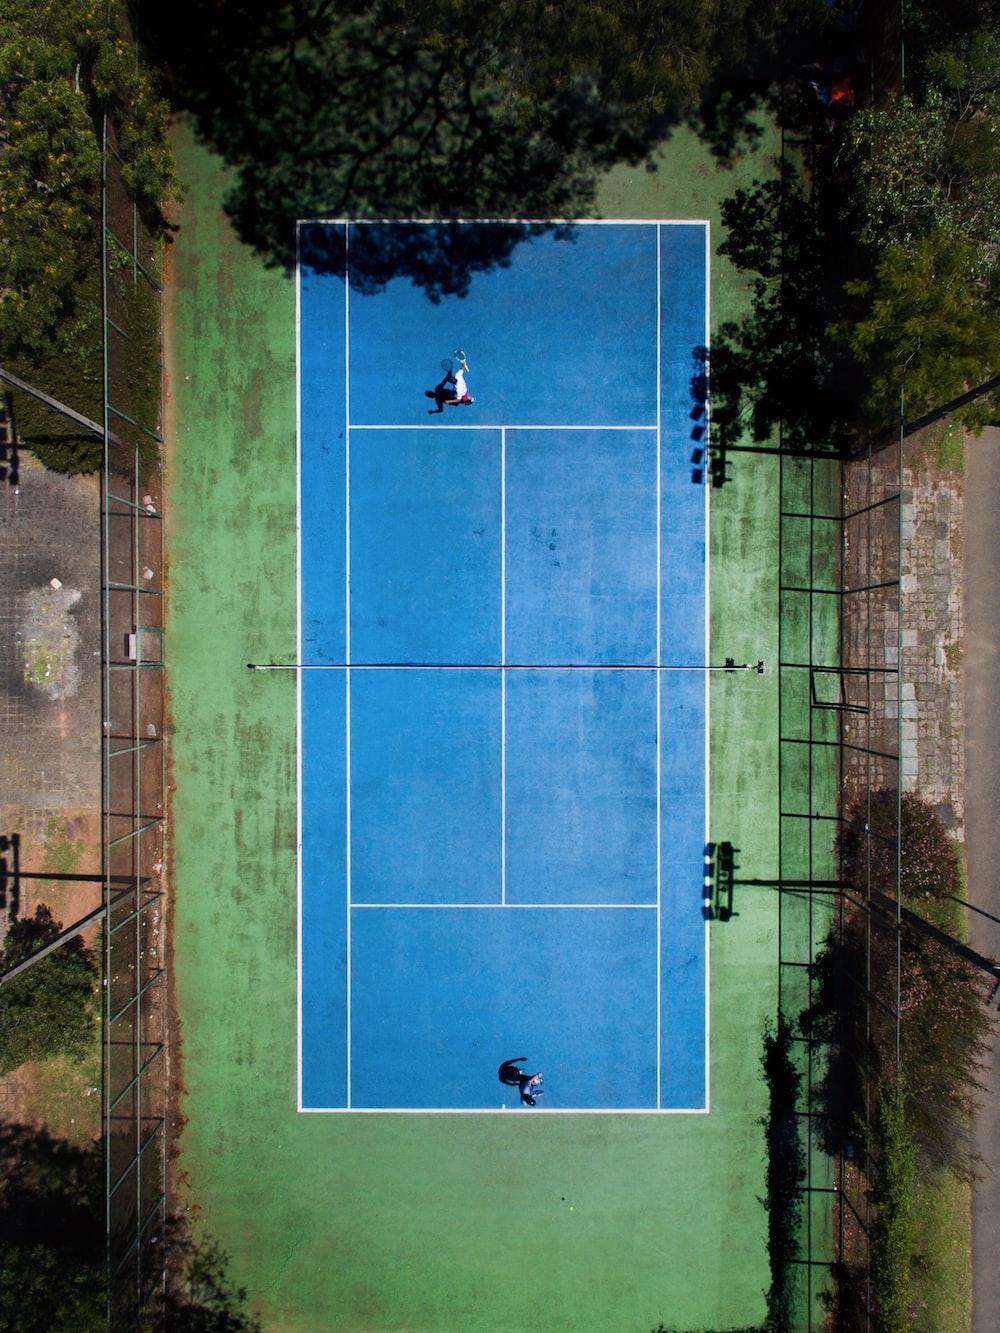 two men playing tennis